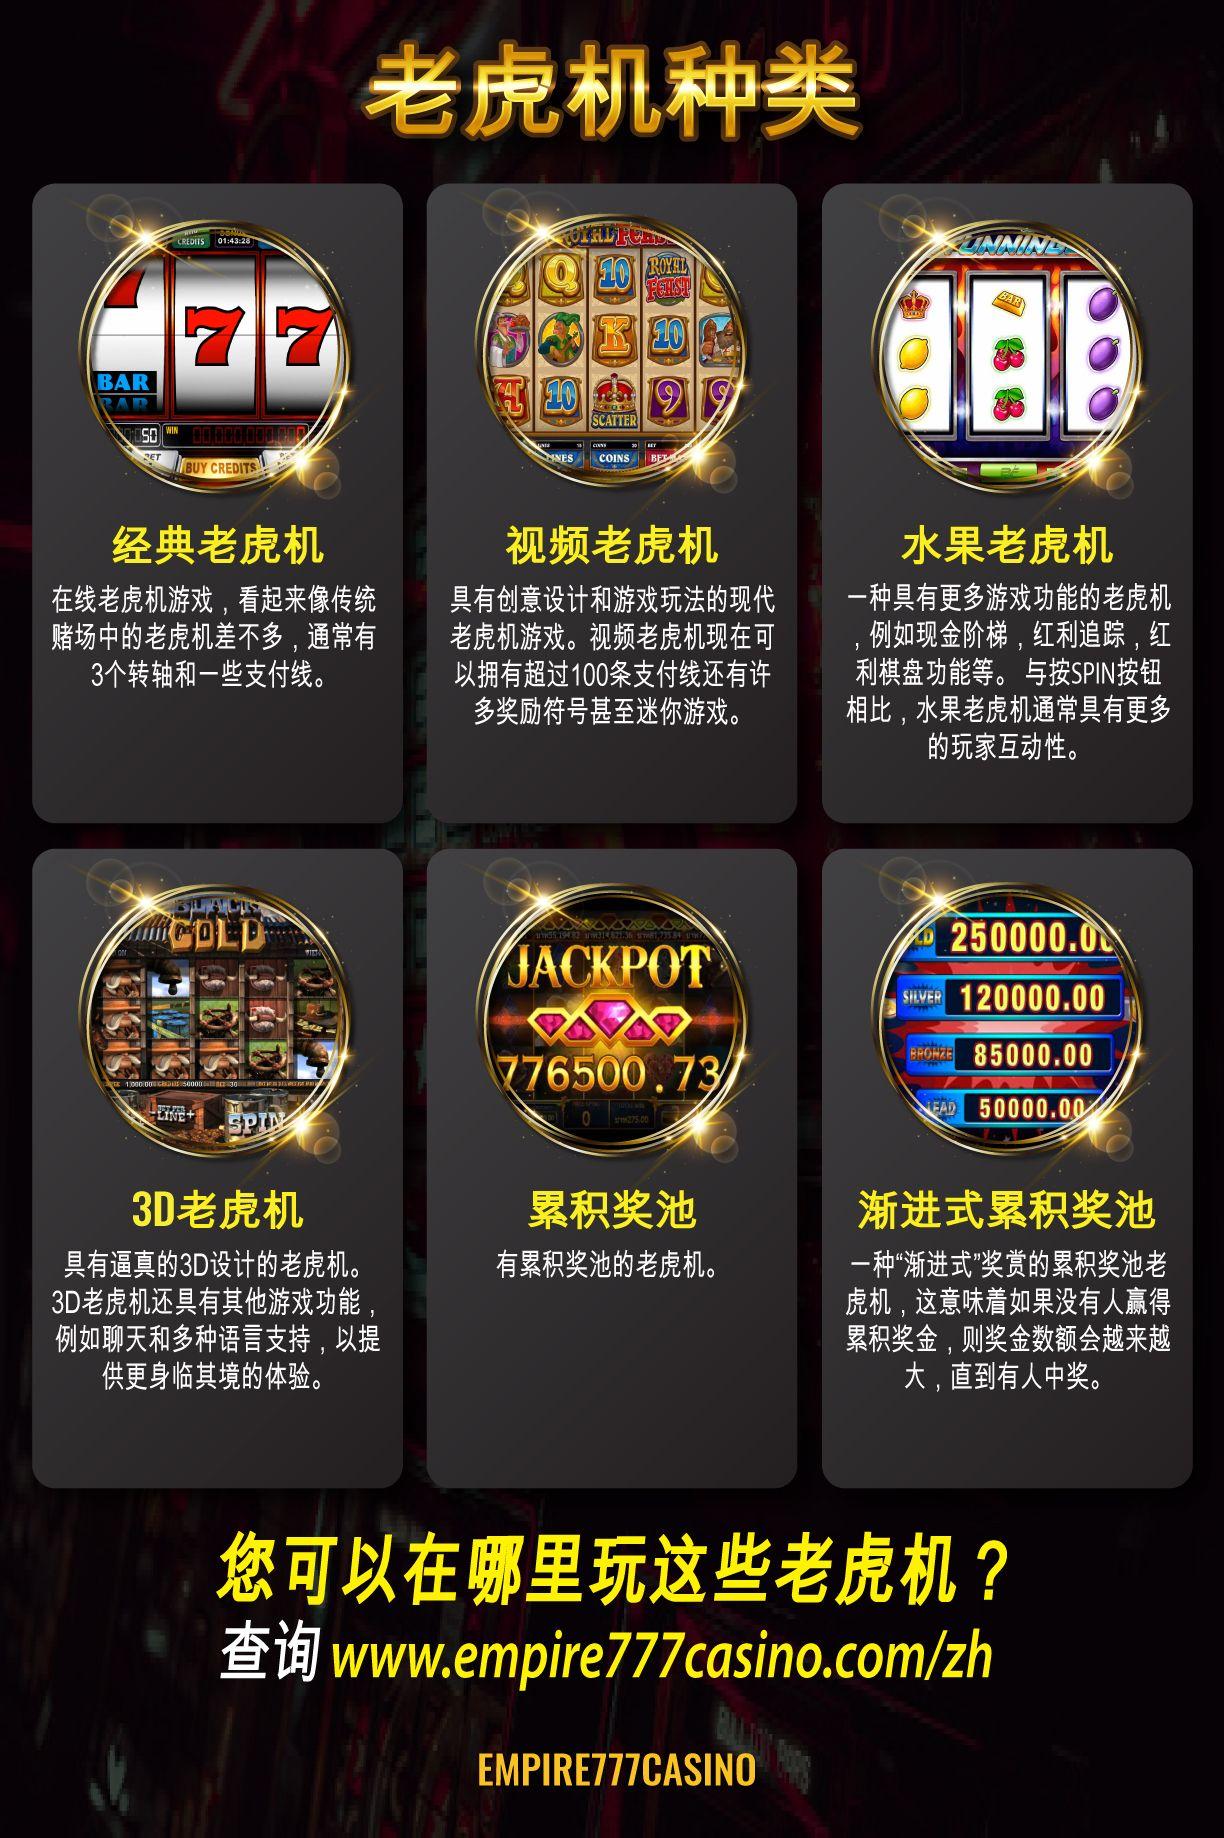 在找网上免费老虎机 快到马来西亚赌博公司体验好玩的老虎机试玩吧 Play Free Slots Play Slots Free Slots